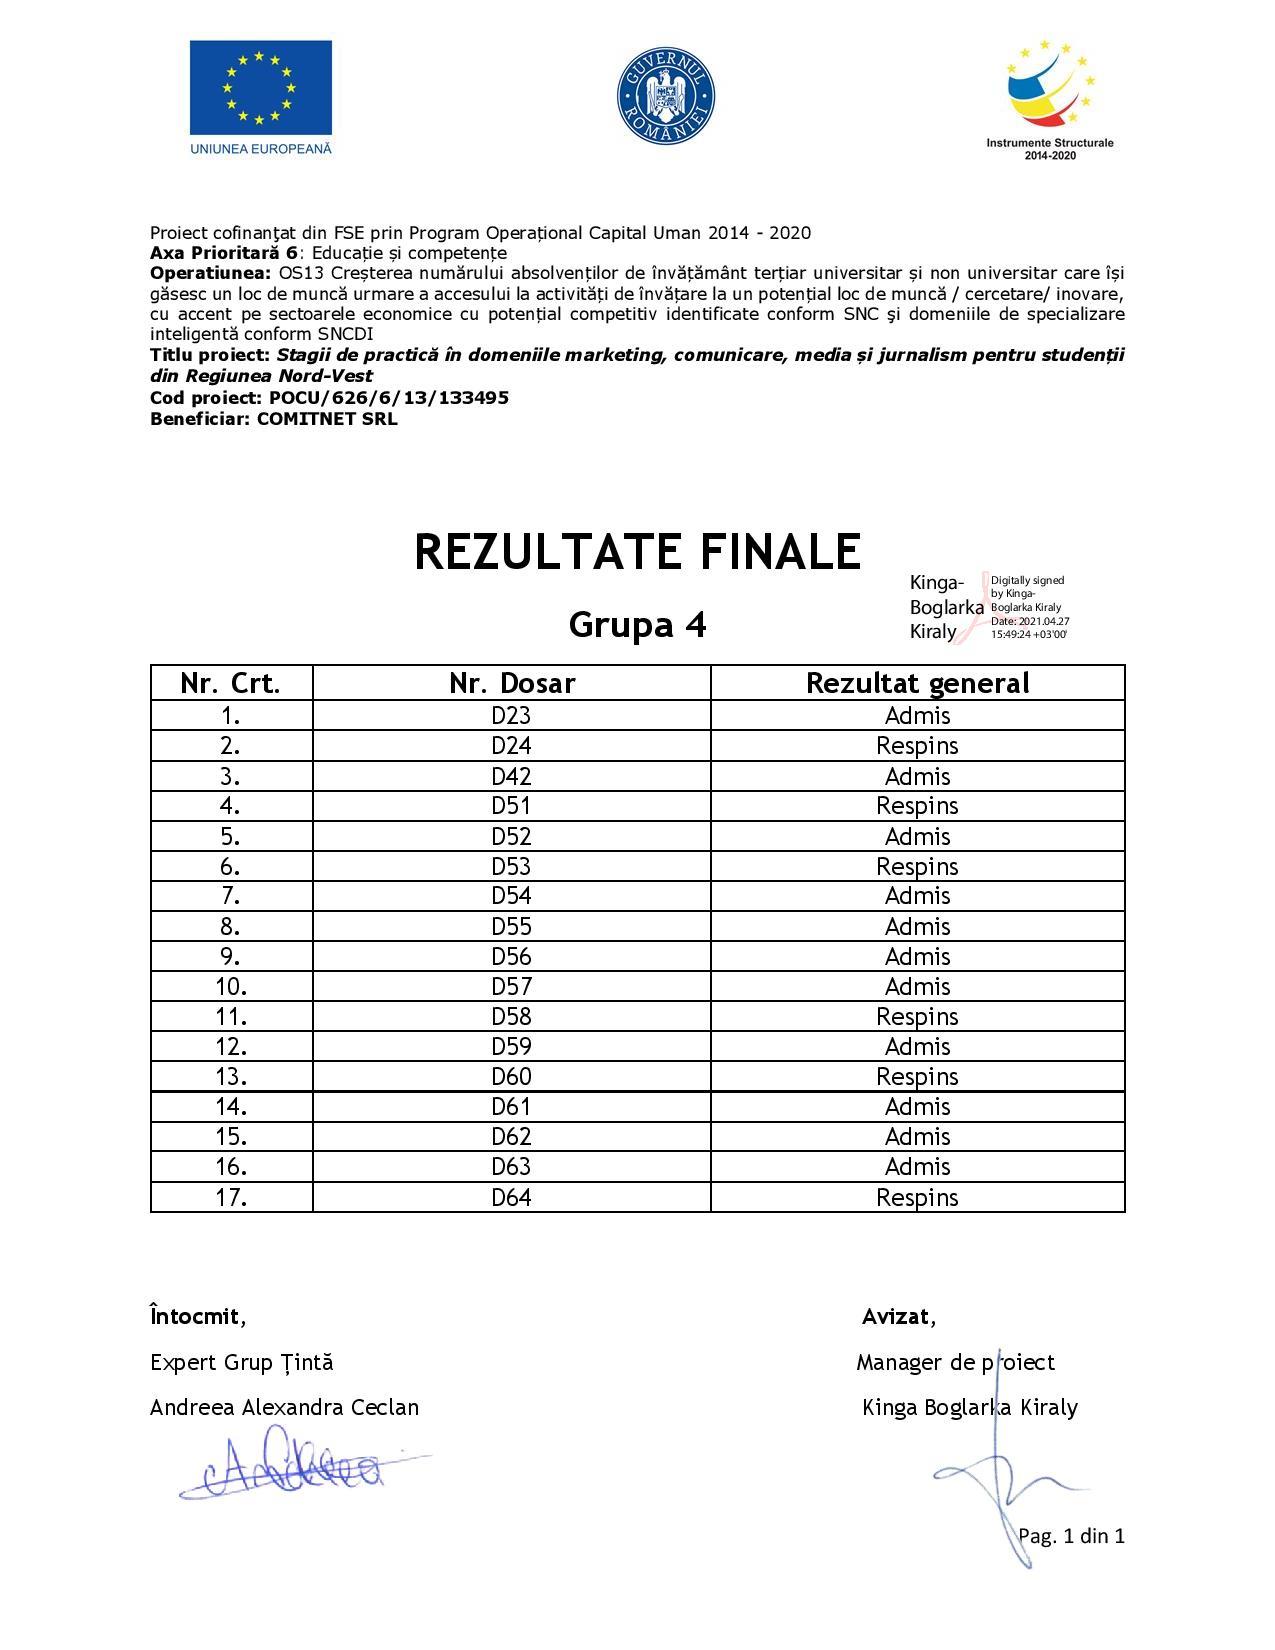 [Stagii de Practică SEO 365] Rezultate finale - Grupa IV-page-001